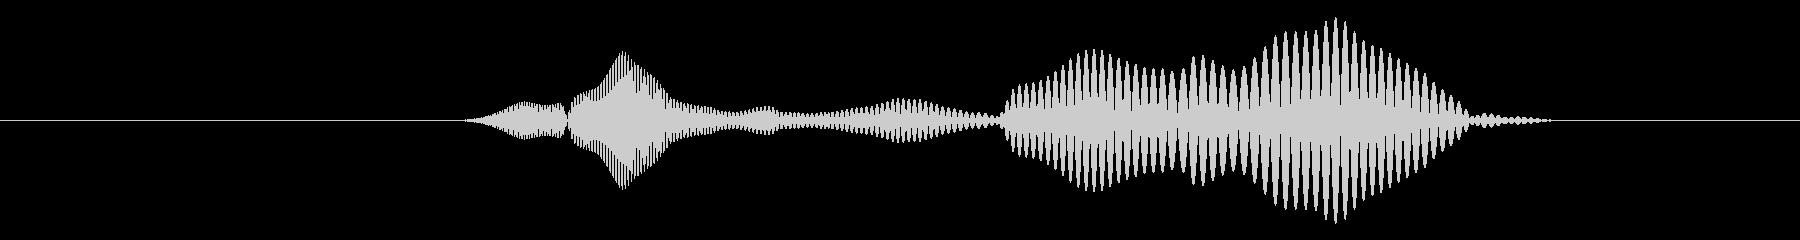 ピロ↓(かわいいキャンセル音)の未再生の波形